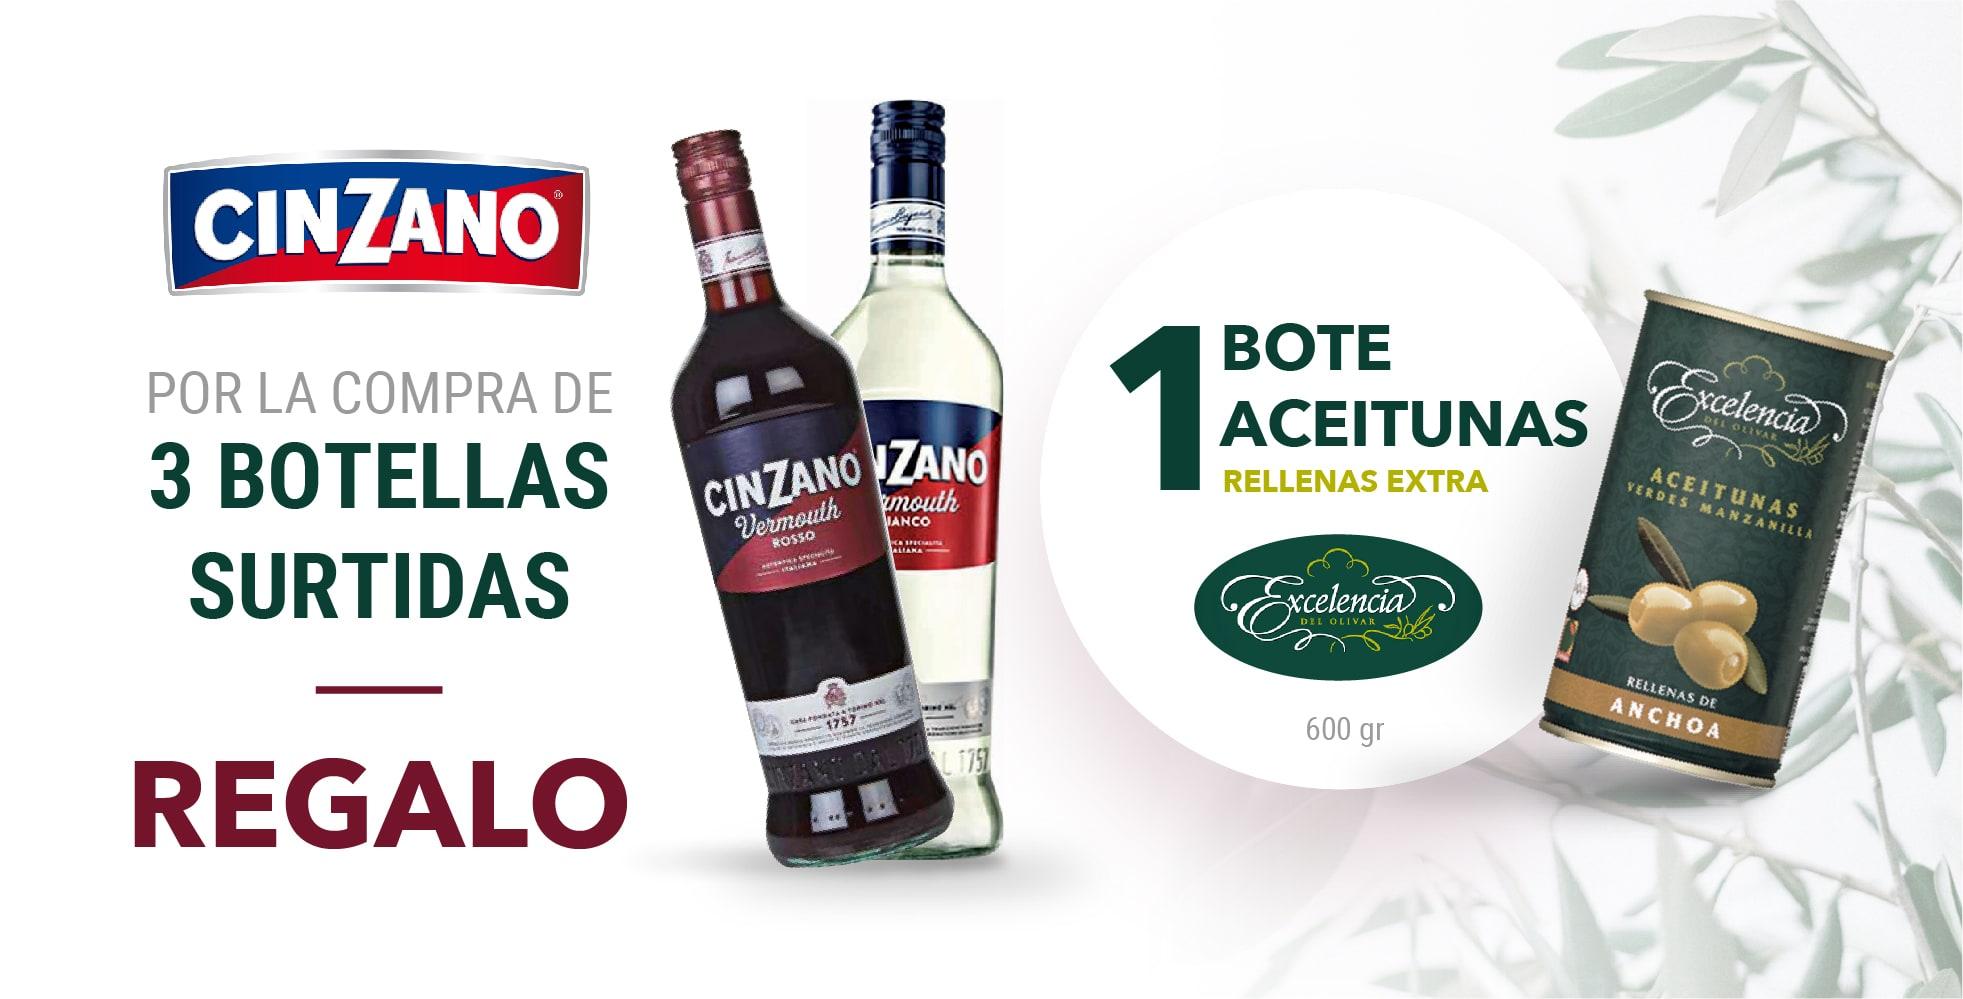 Especial Cinzano